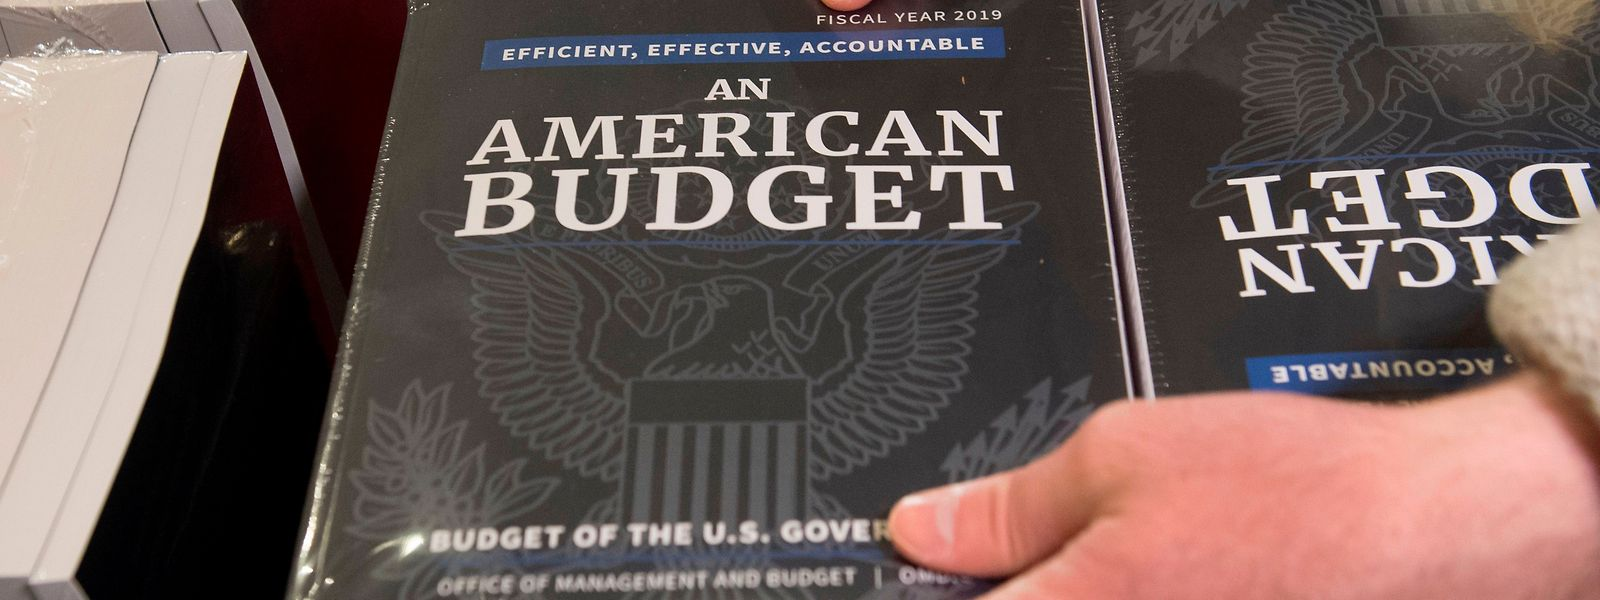 Donald Trumps Wunsch-Haushalt: Billionenschwer und eher unrealistisch.